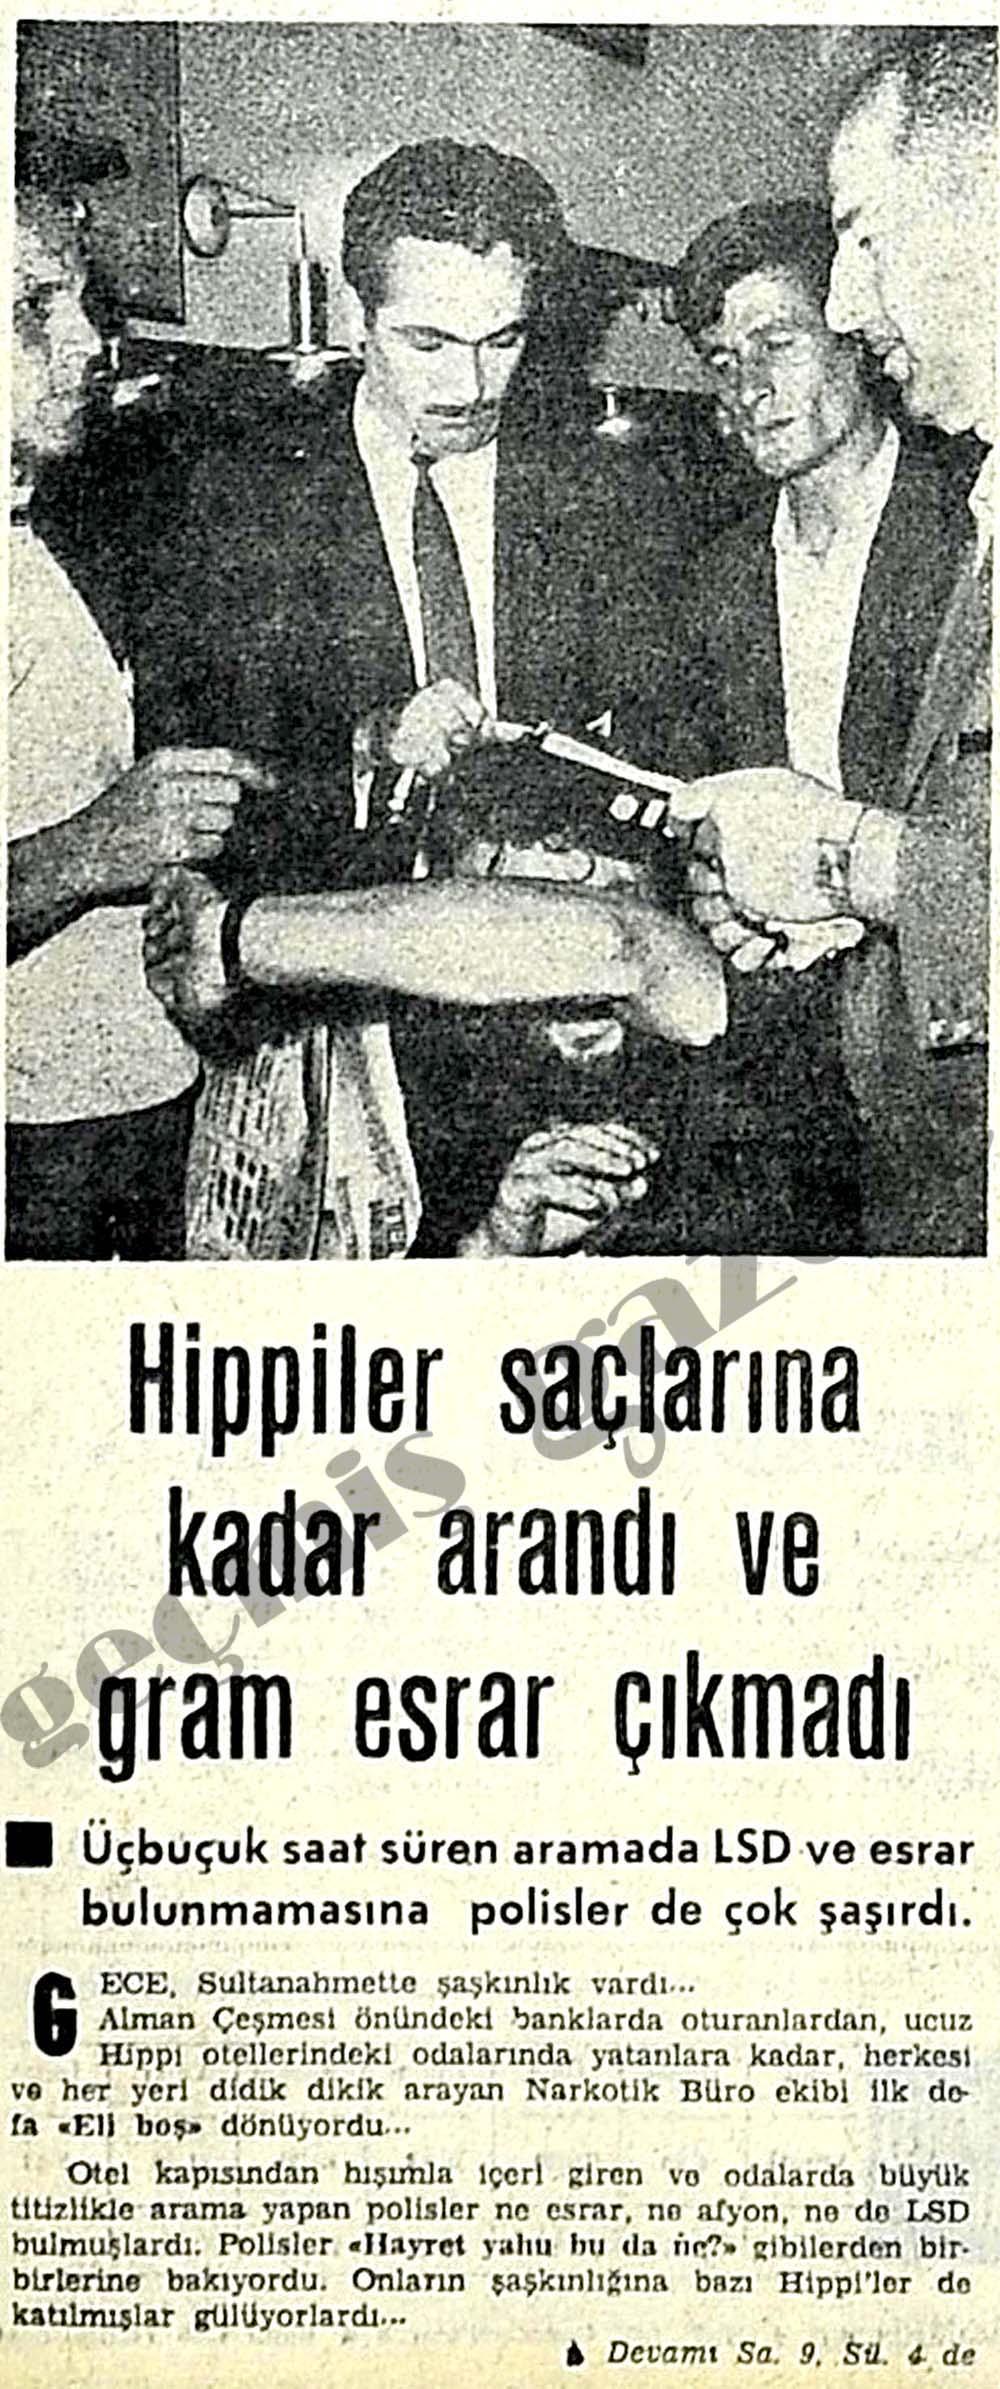 Hippiler saçlarına kadar arandı ve gram esrar çıkmadı